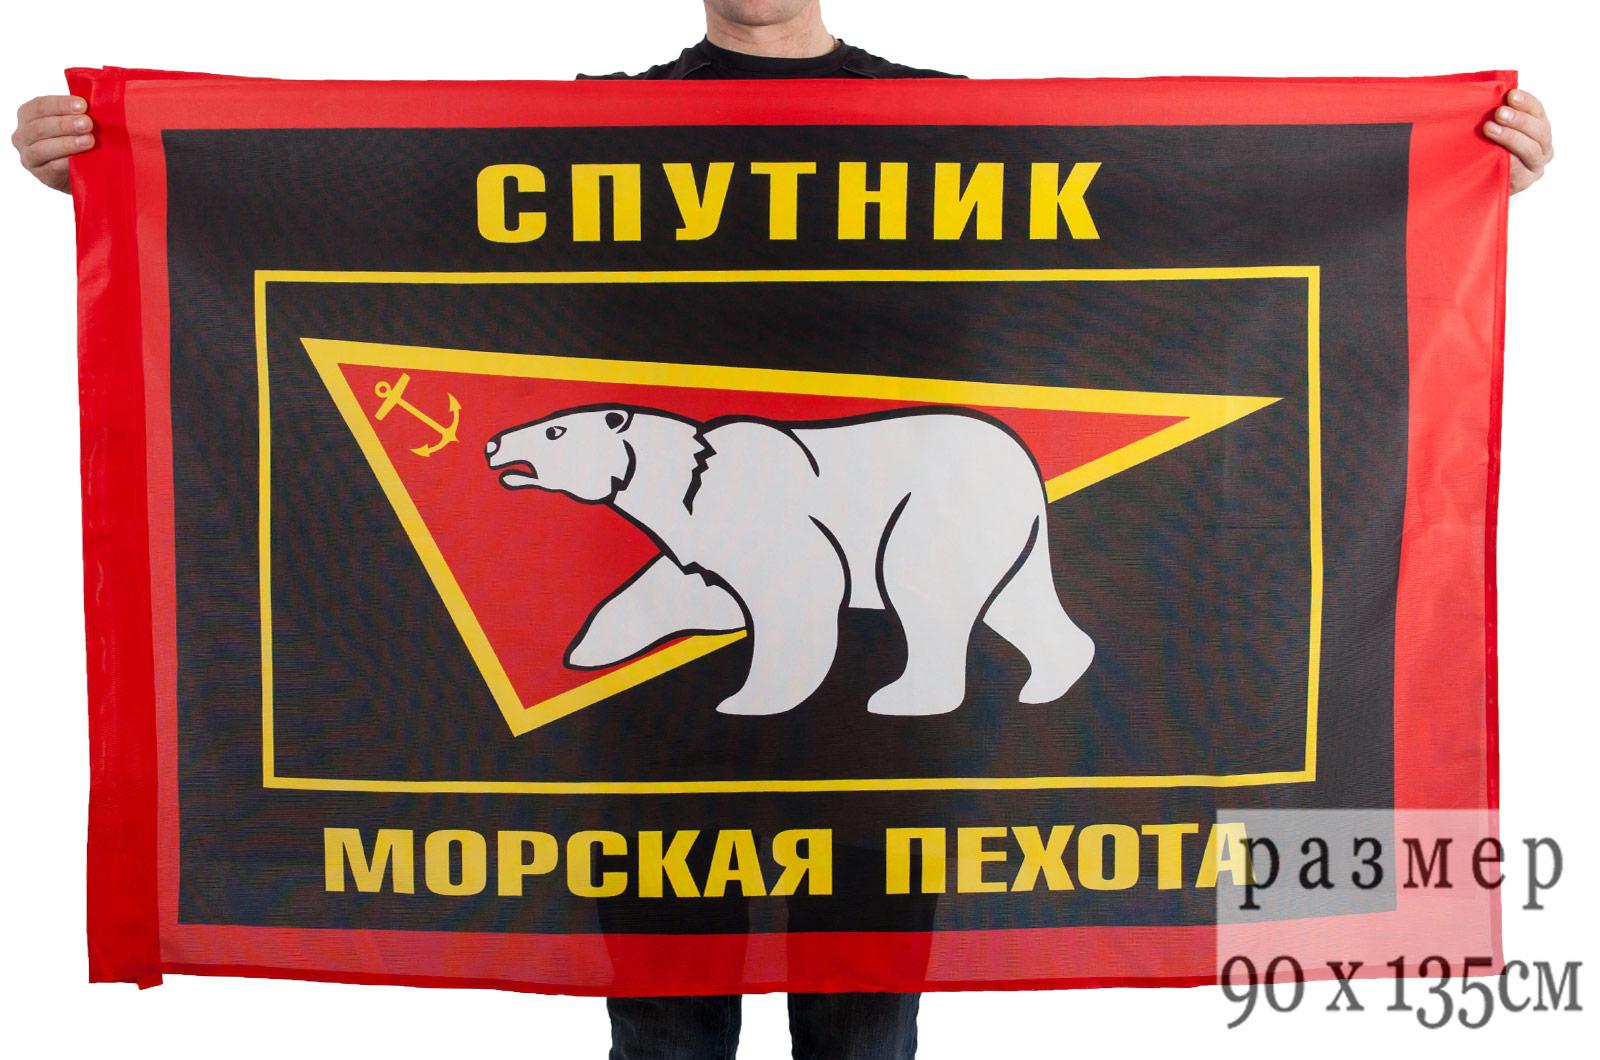 """Купить флаг морской пехоты """"Спутник"""""""